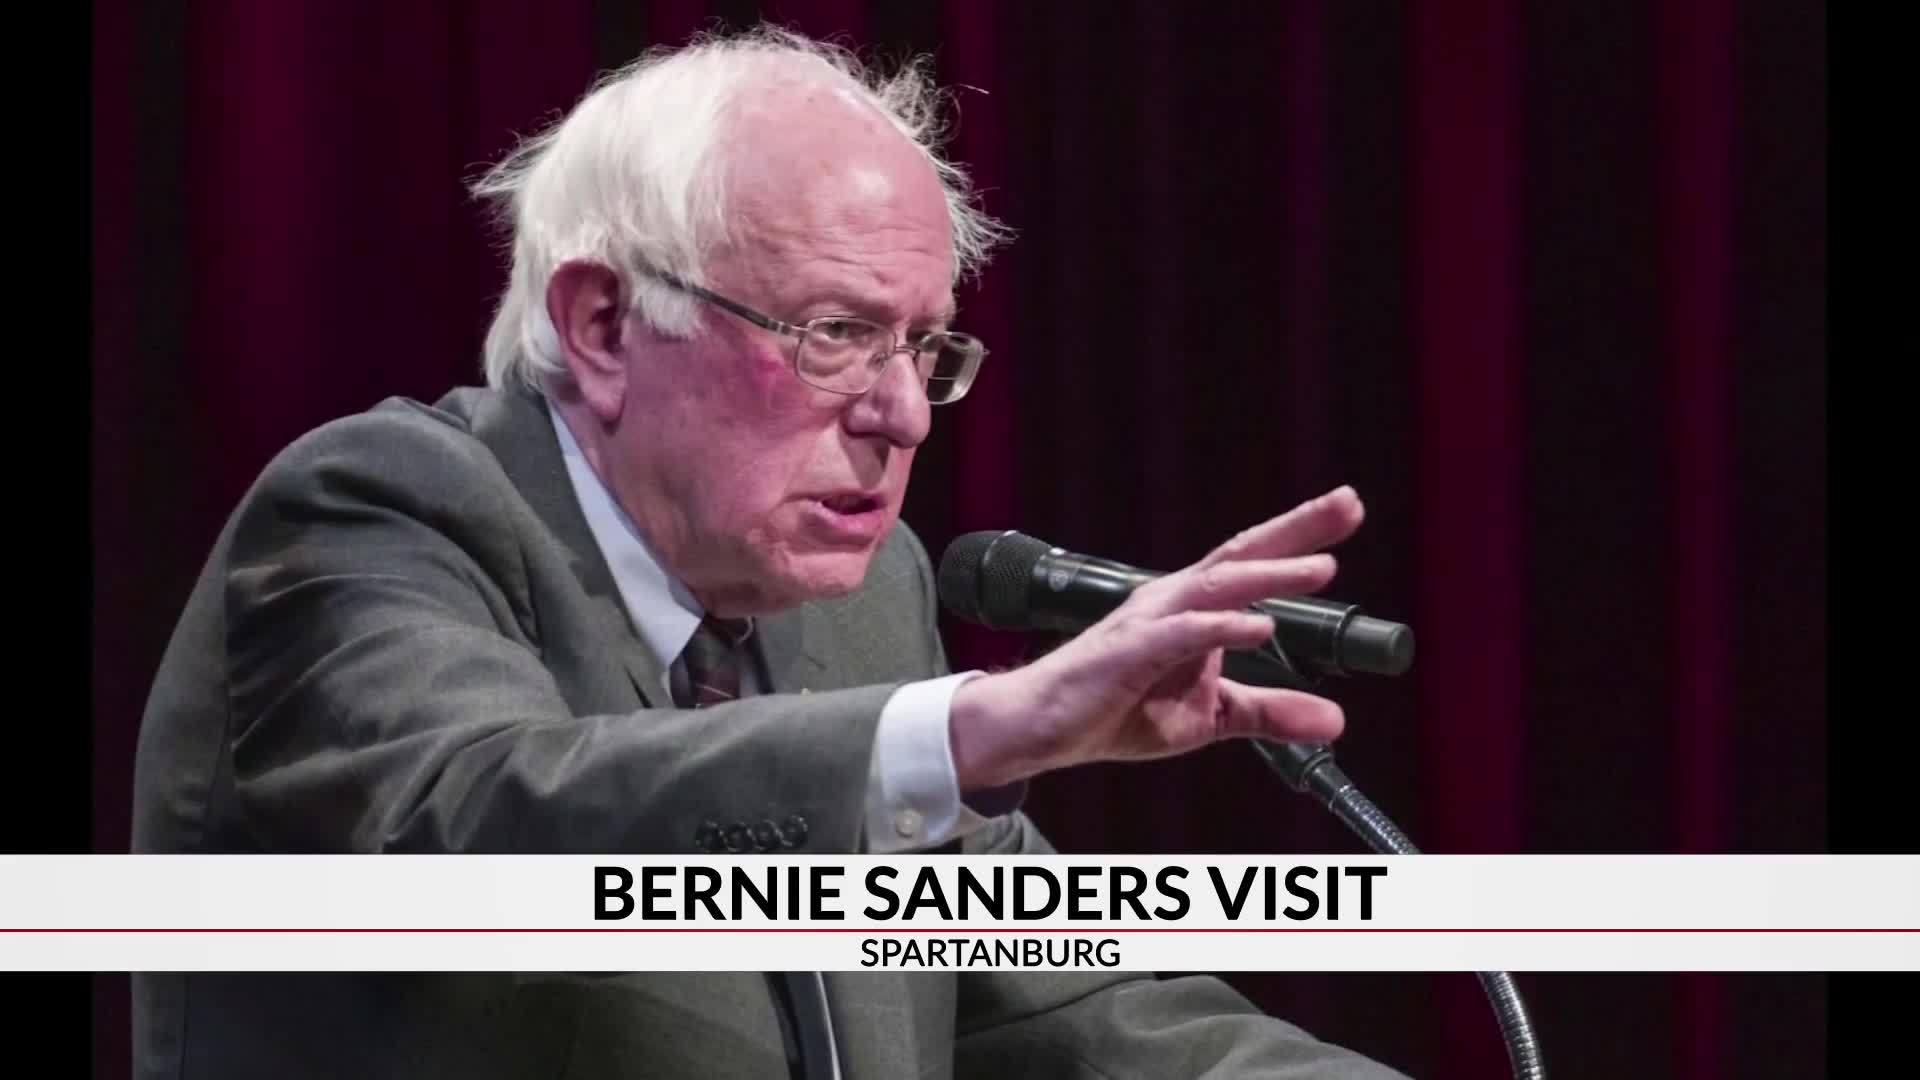 Bernie_Sanders_to_visit_Spartanburg_6_20190413032957